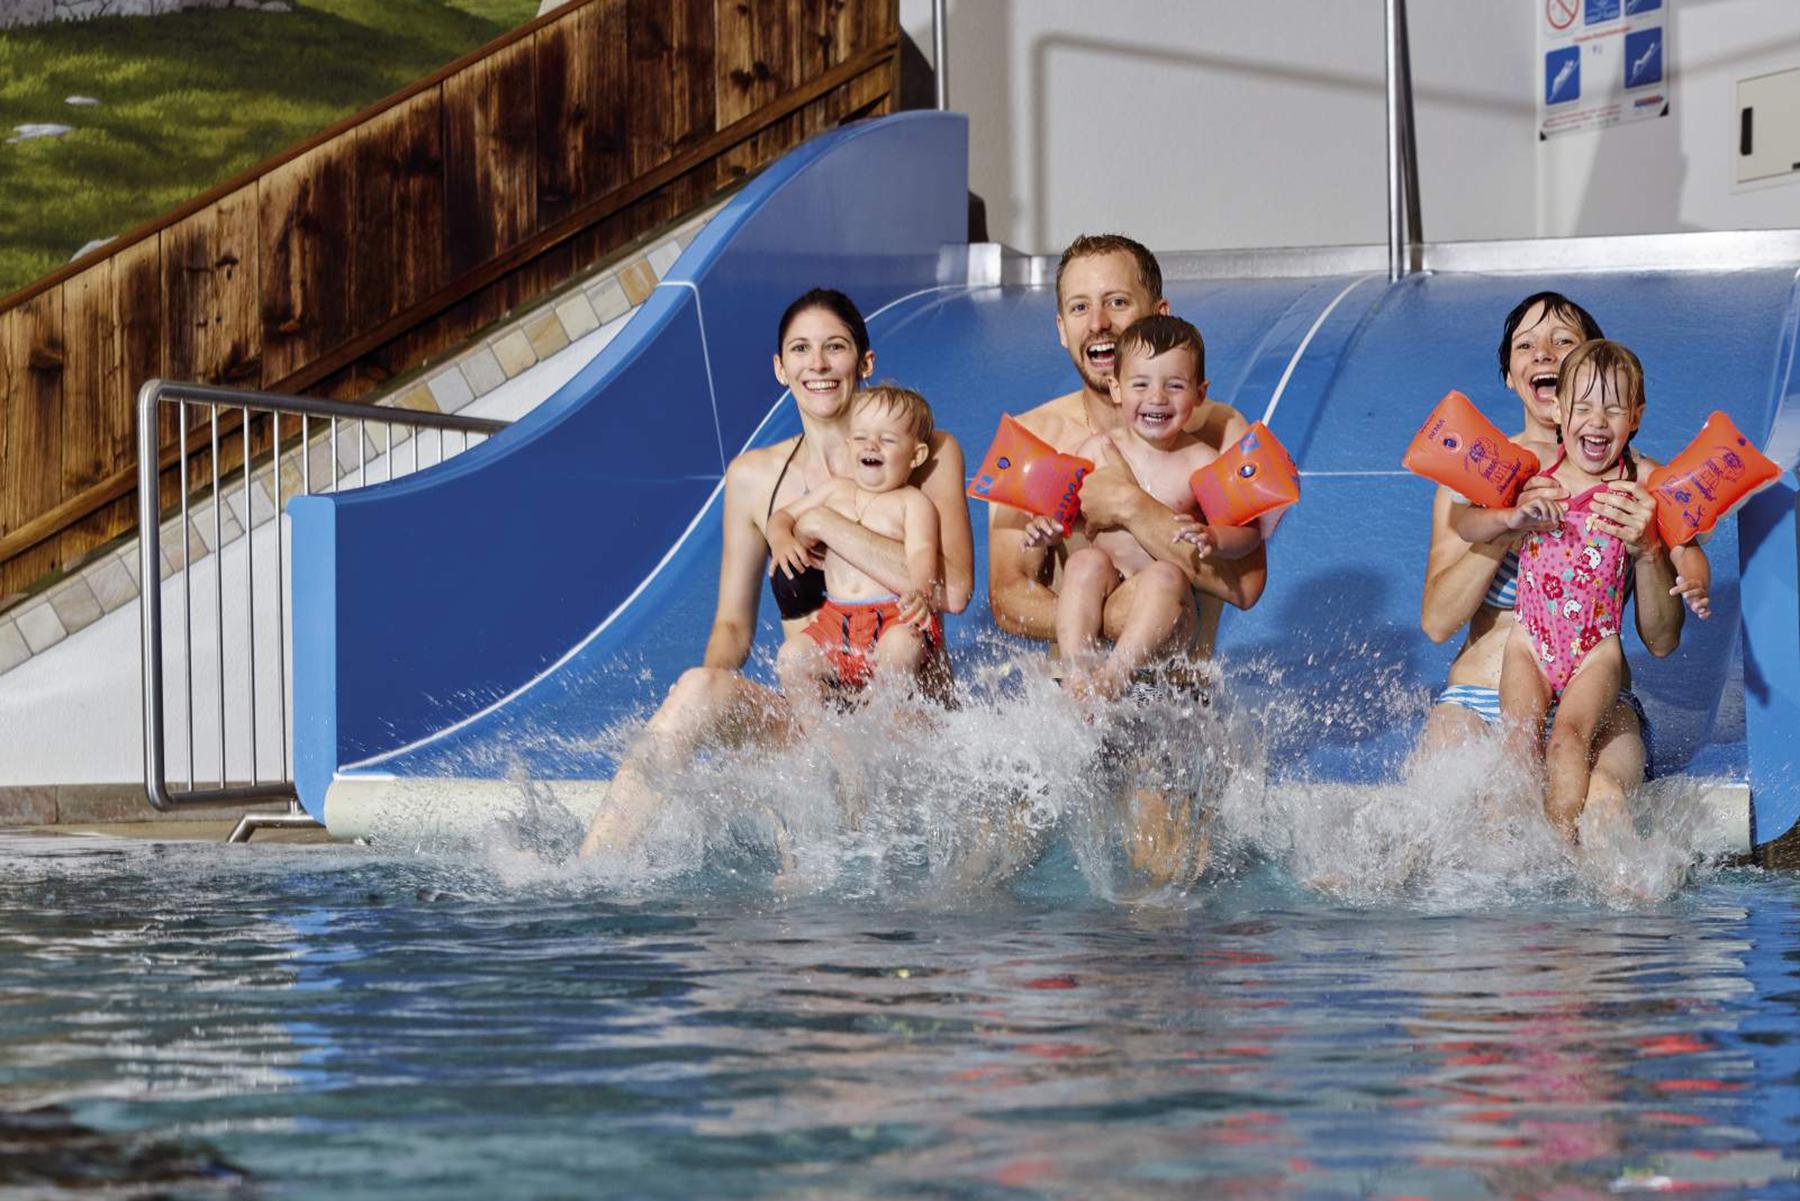 Familienurlaub in Soelden